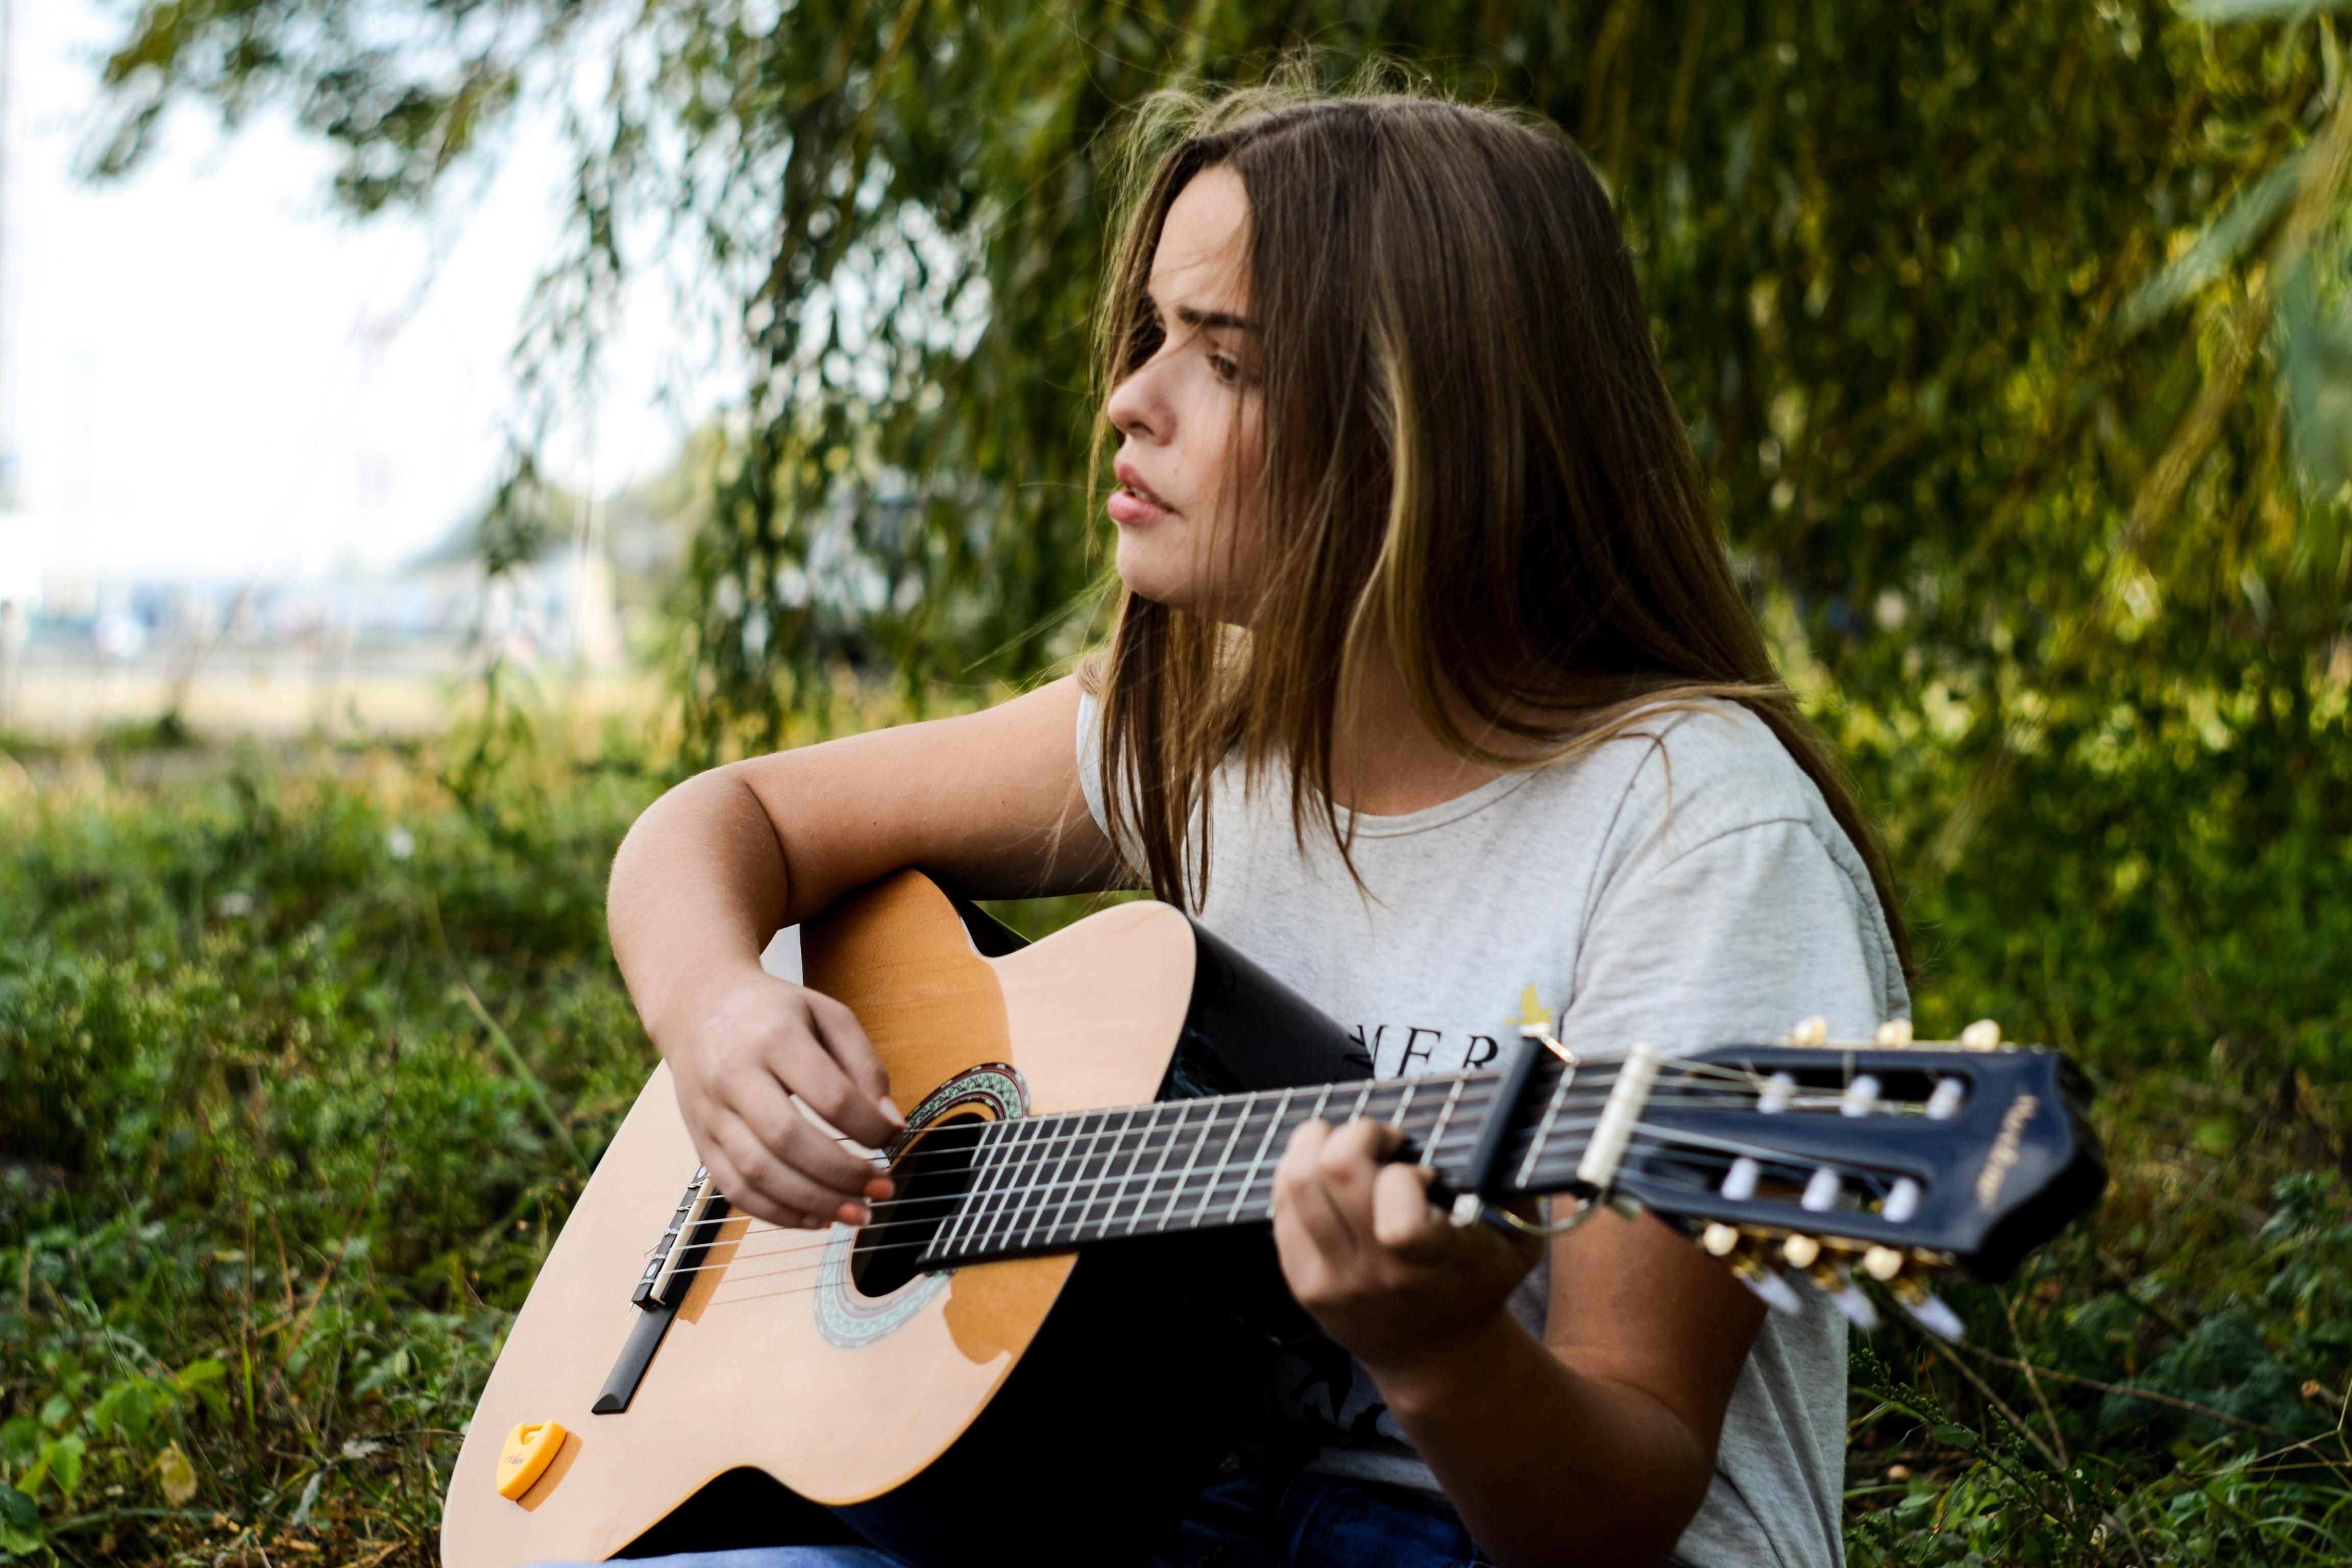 фото людей с гитарой смысла наносить